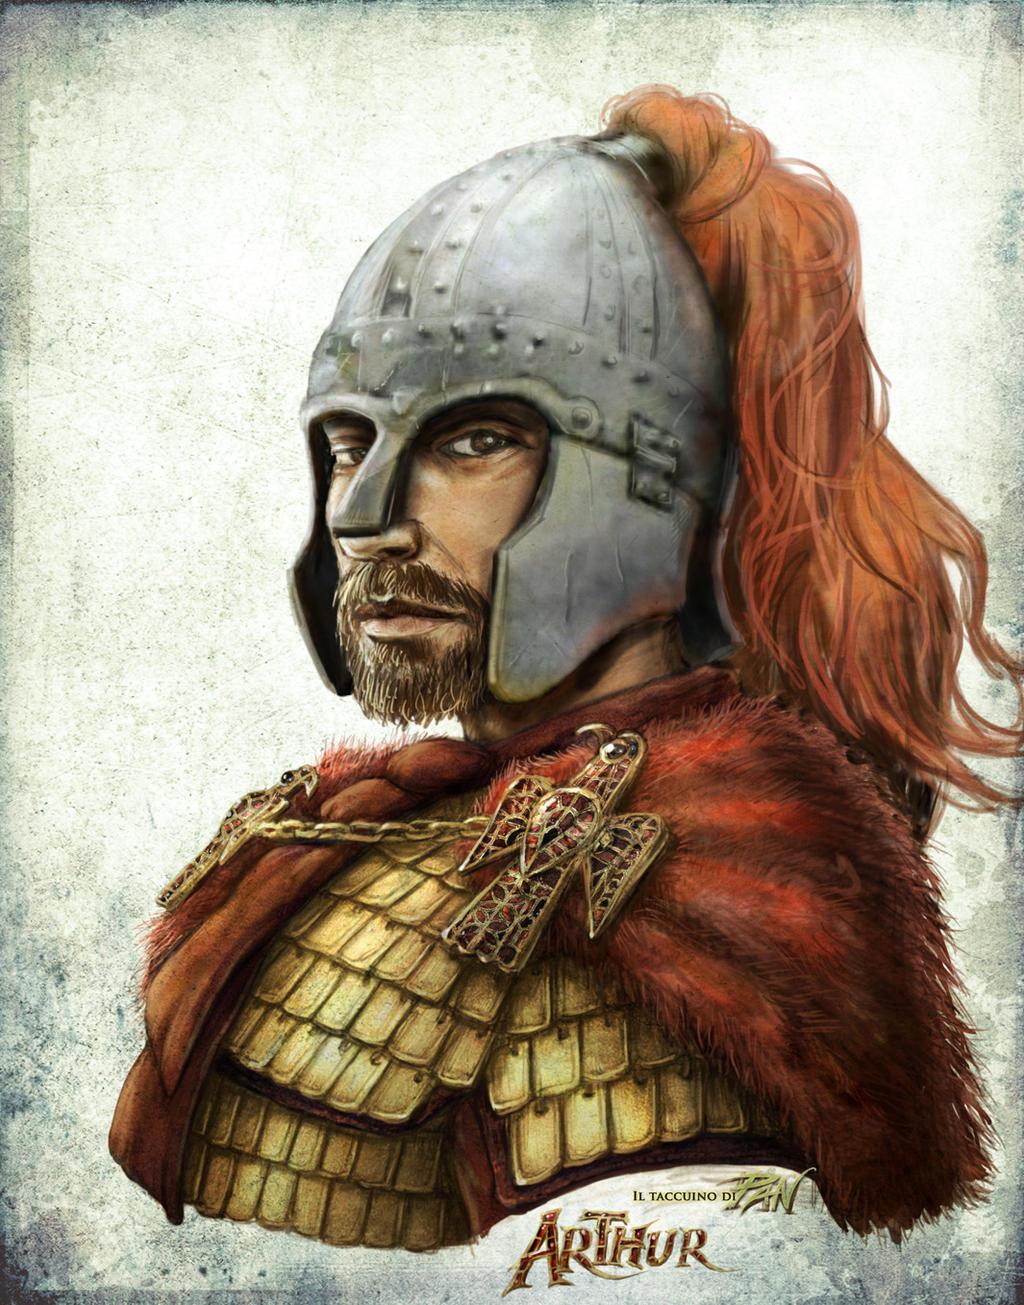 King Arthur by Panaiotis